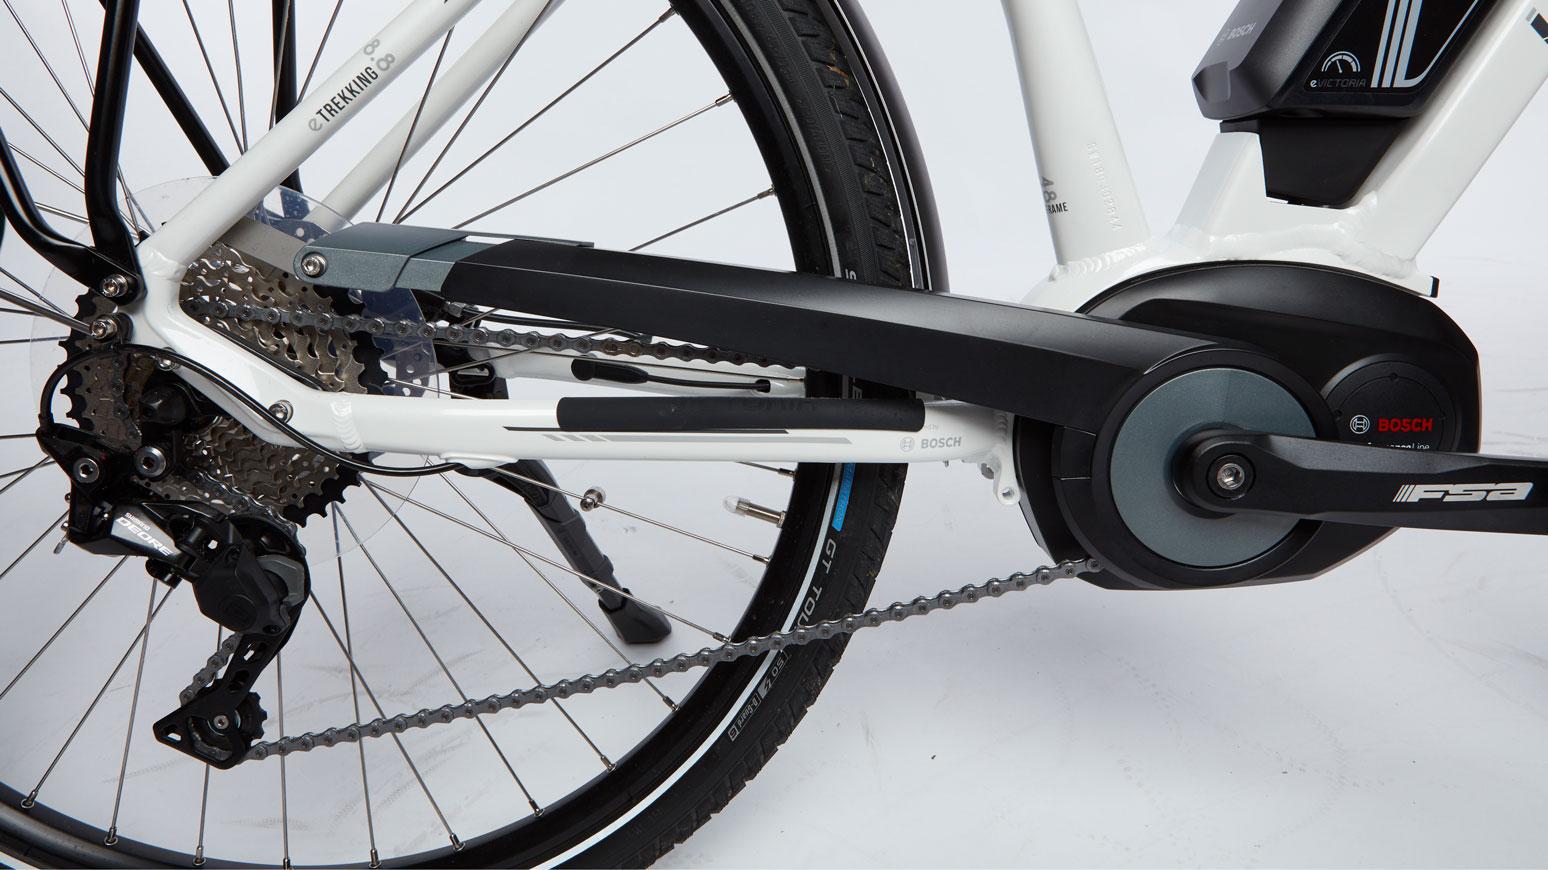 Antriebsstrang mit Bosch Mittelmotor und Shimano Kettenschaltwerk